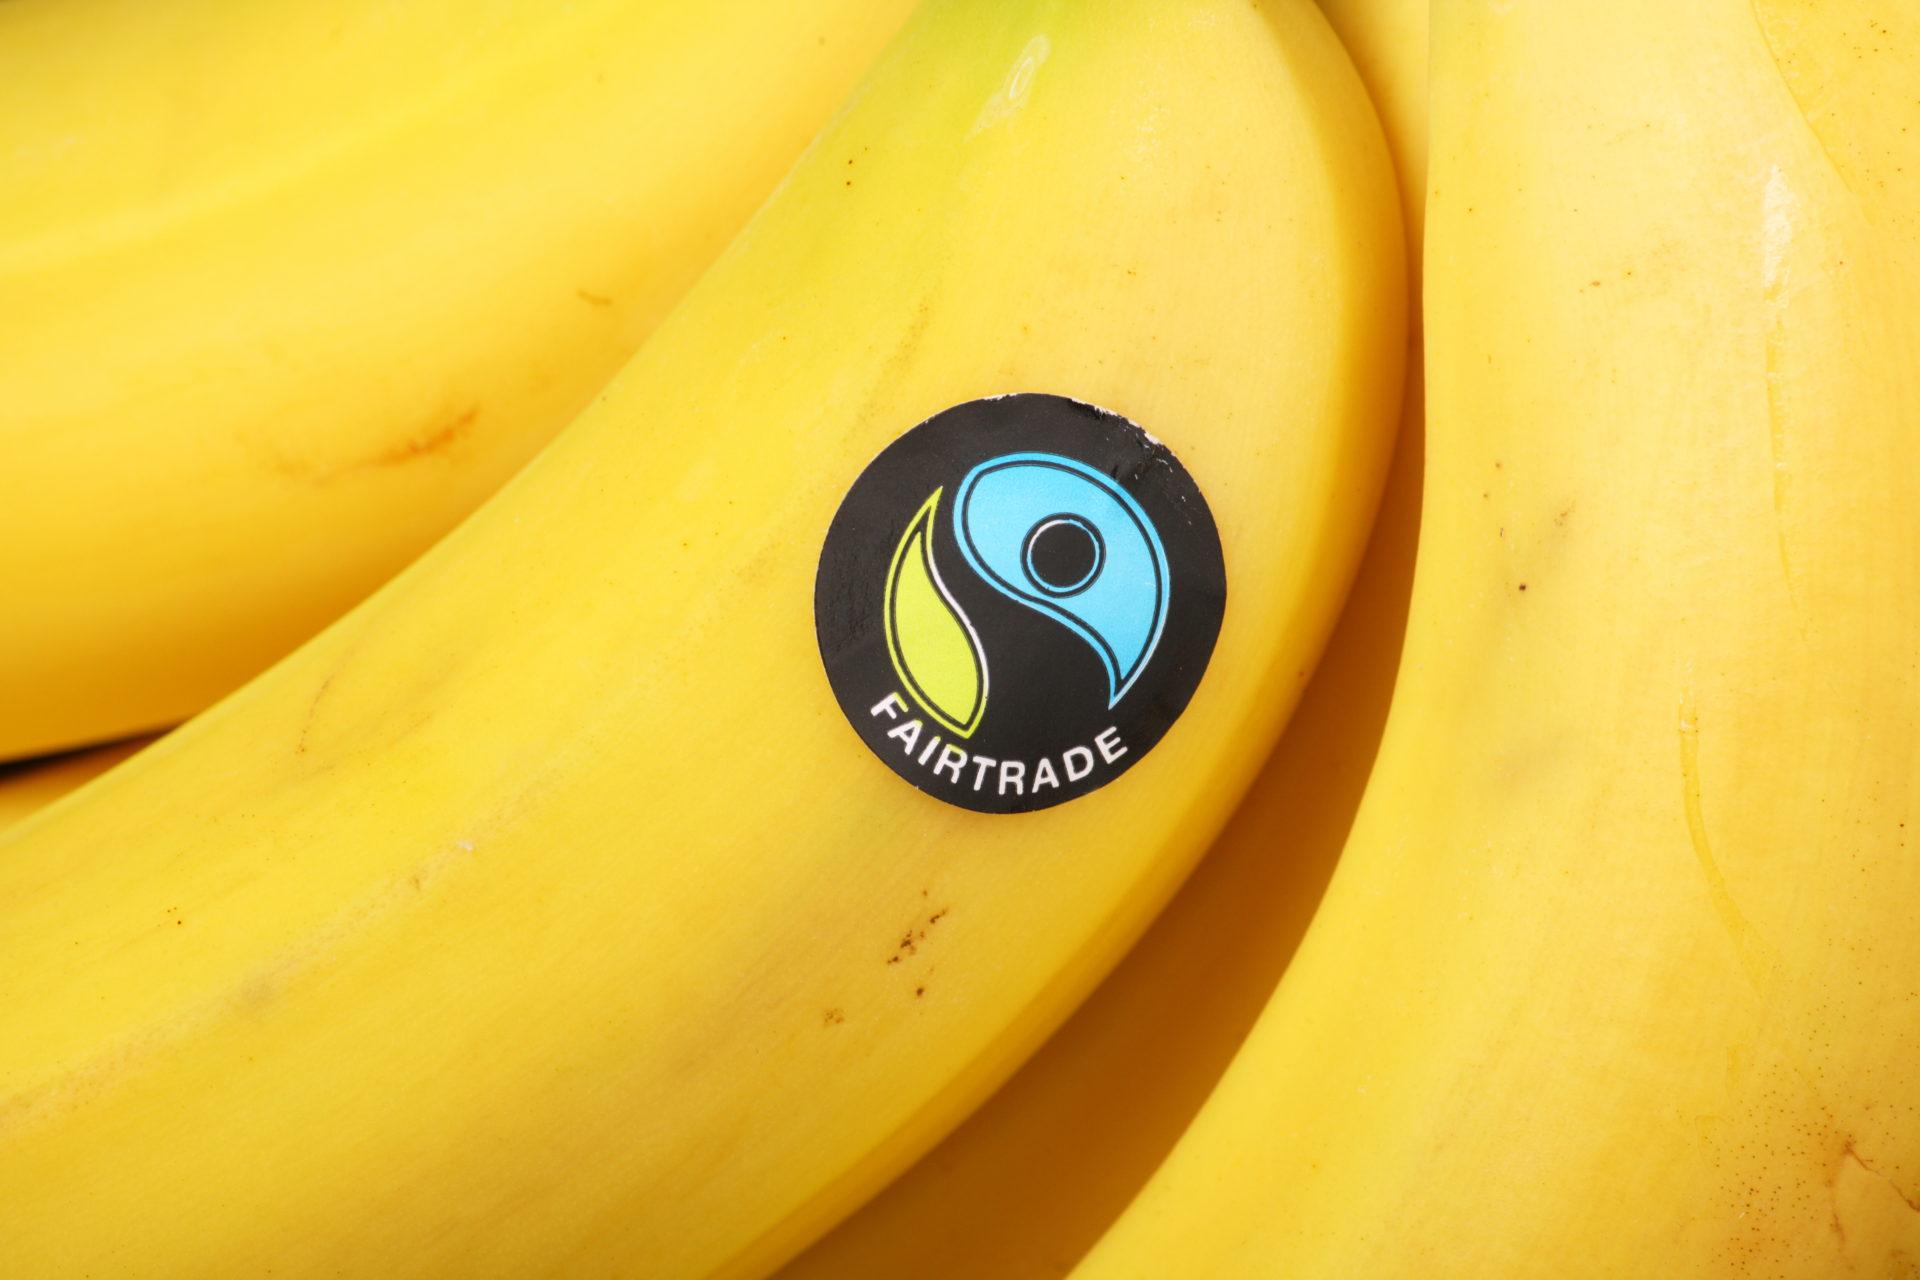 フェアトレード認証マーク付きのバナナ 写真:Thinglass/shutterstock.com